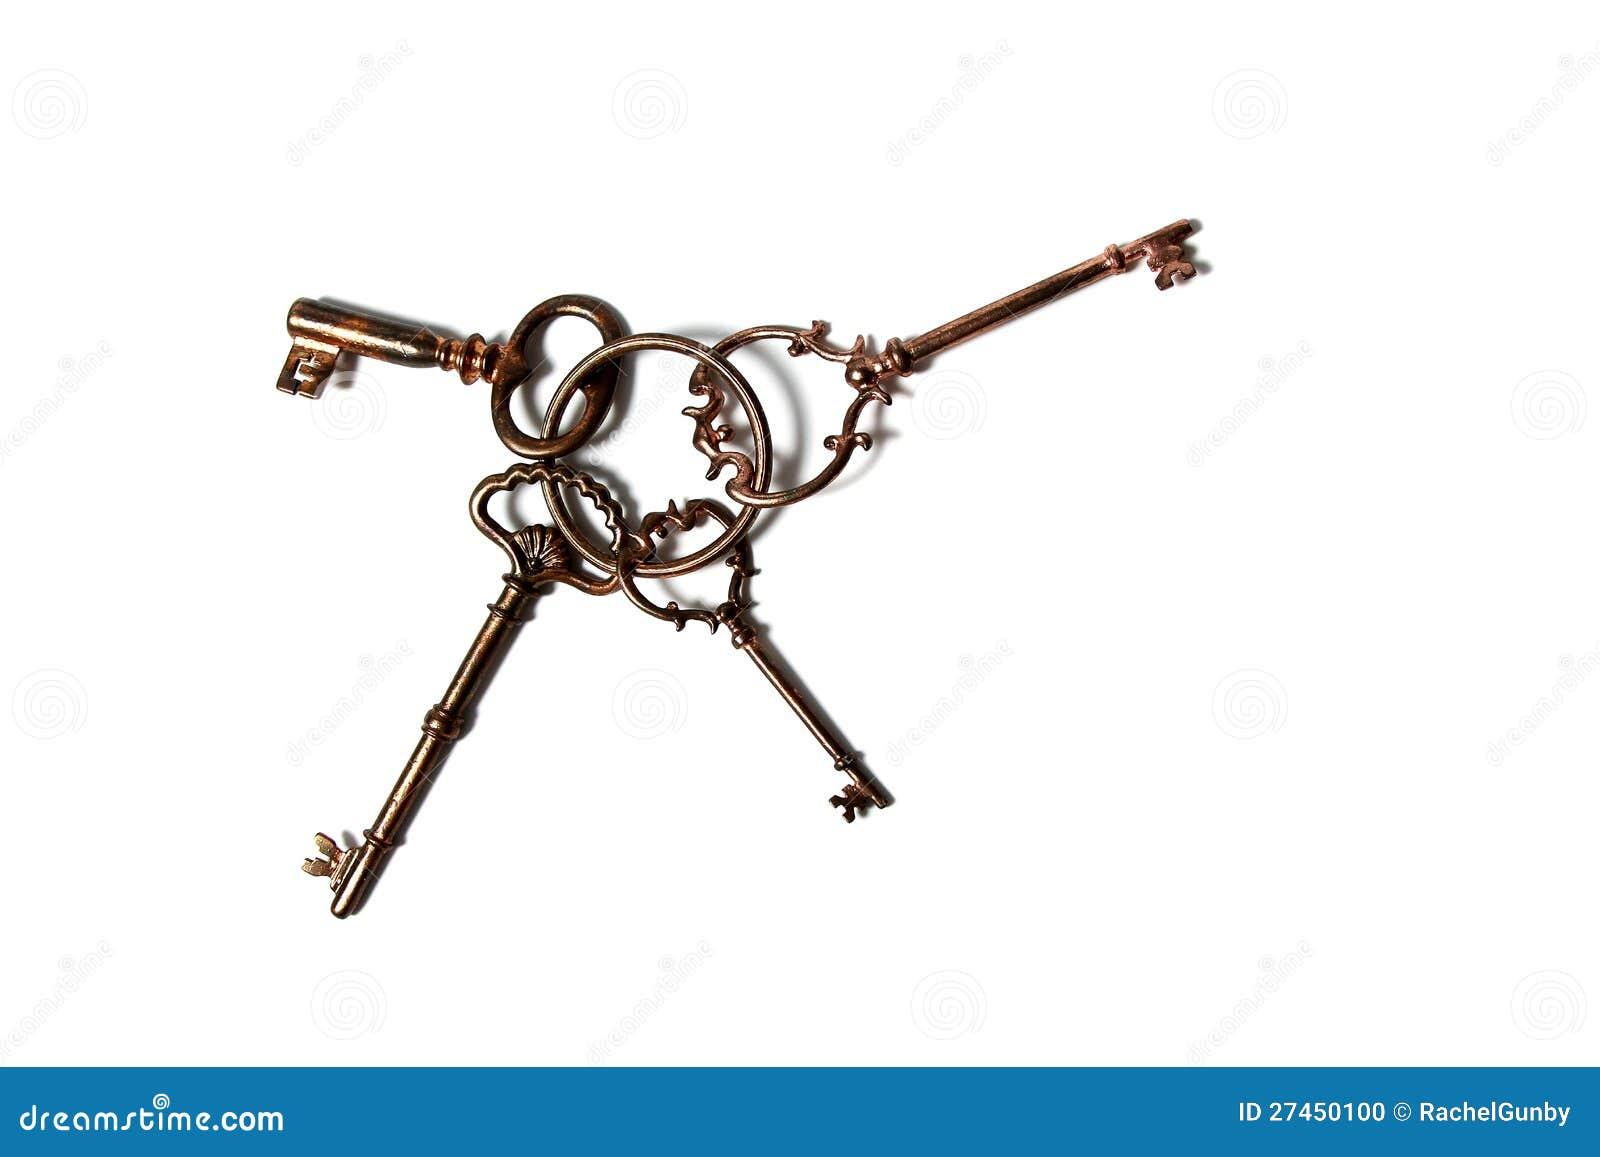 Duplicate skeleton key